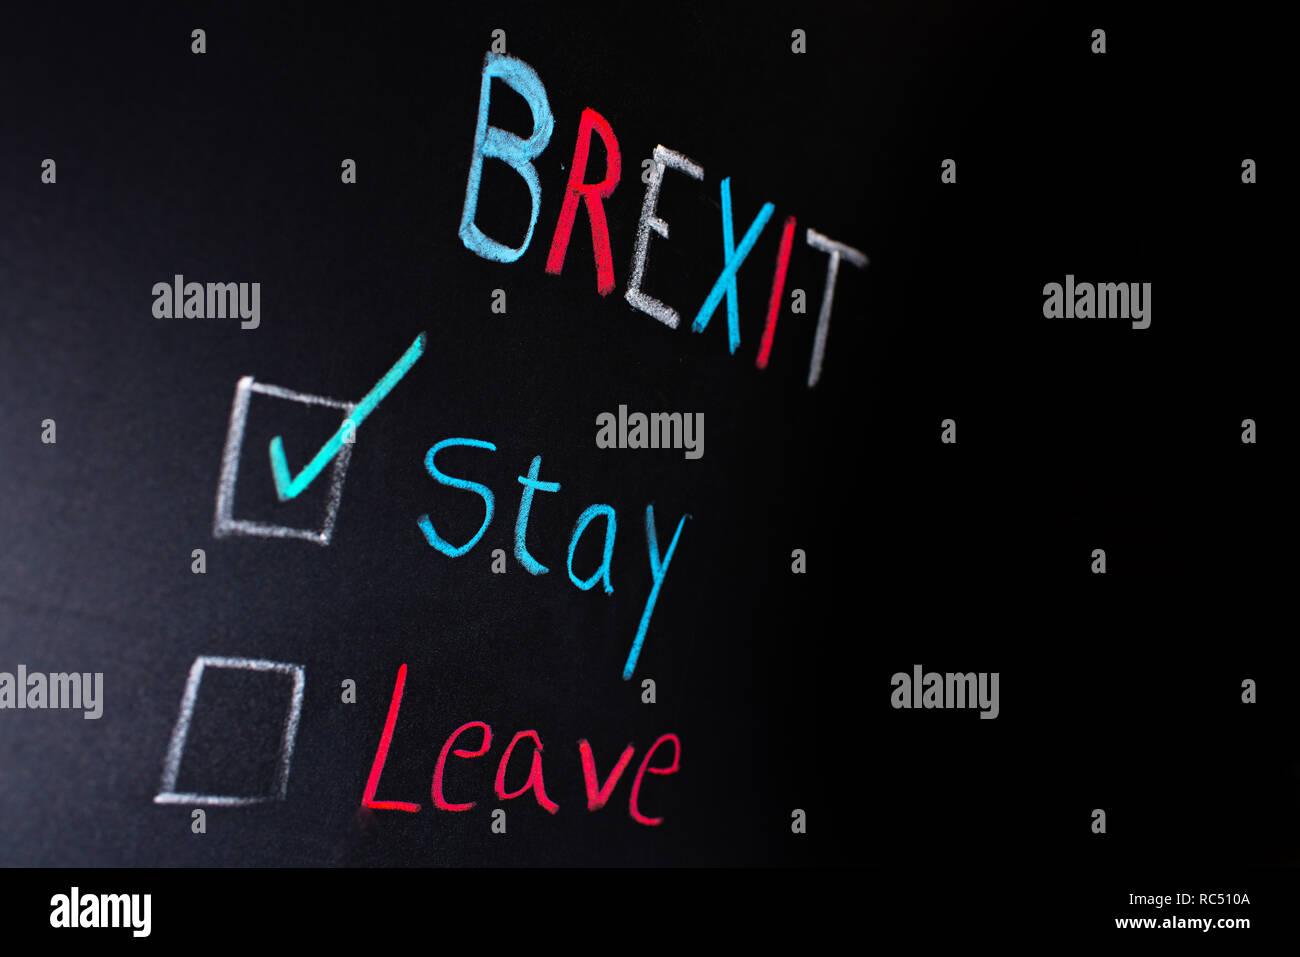 Concetto Brexit, scelta tra soggiornare o lasciando scritti sulla ...